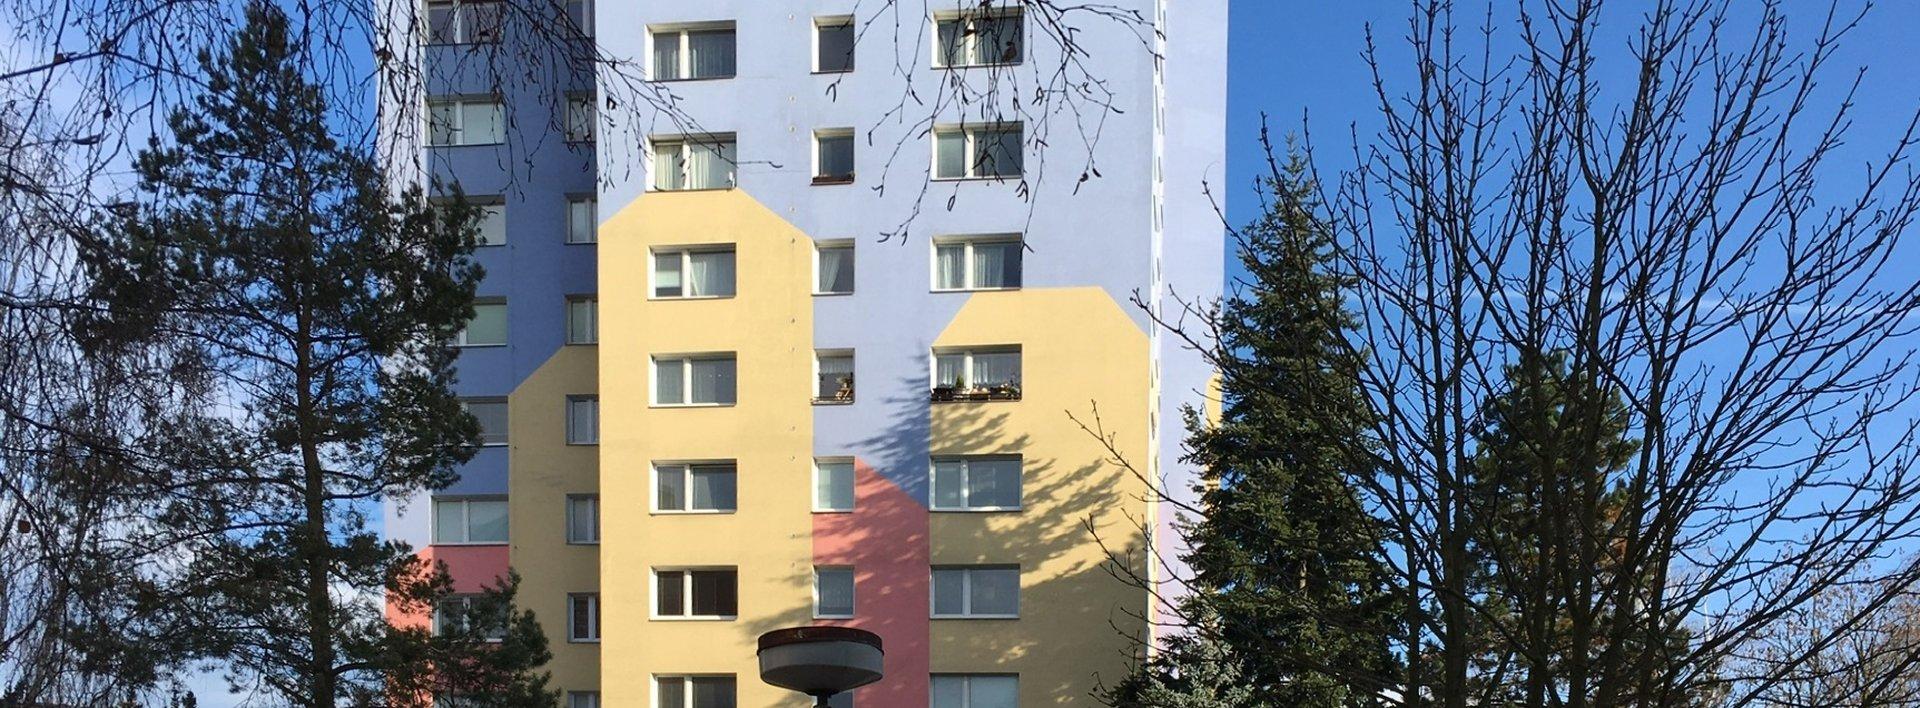 Pronájem nadstandardního bytu 1+kk, 29 m² včetně vybavení, Ev.č.: N48957